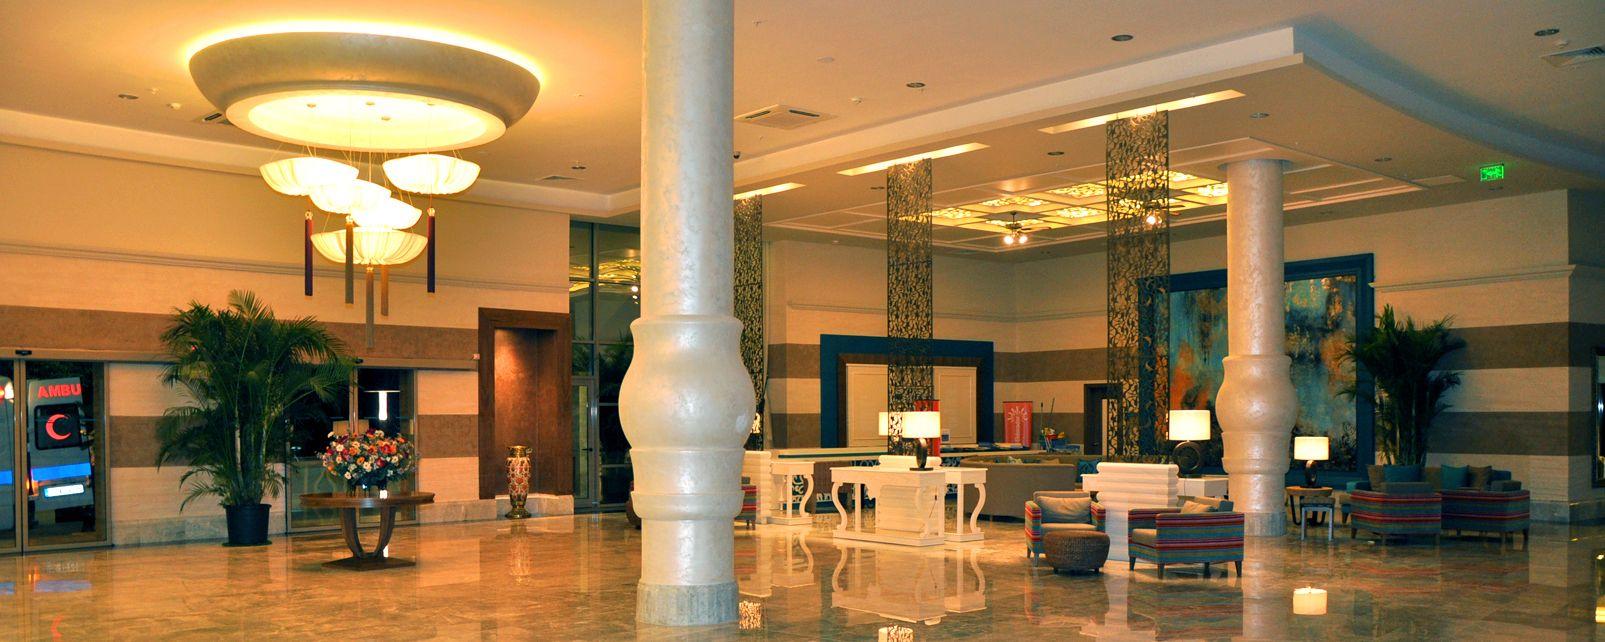 Hotel Paloma Pasha